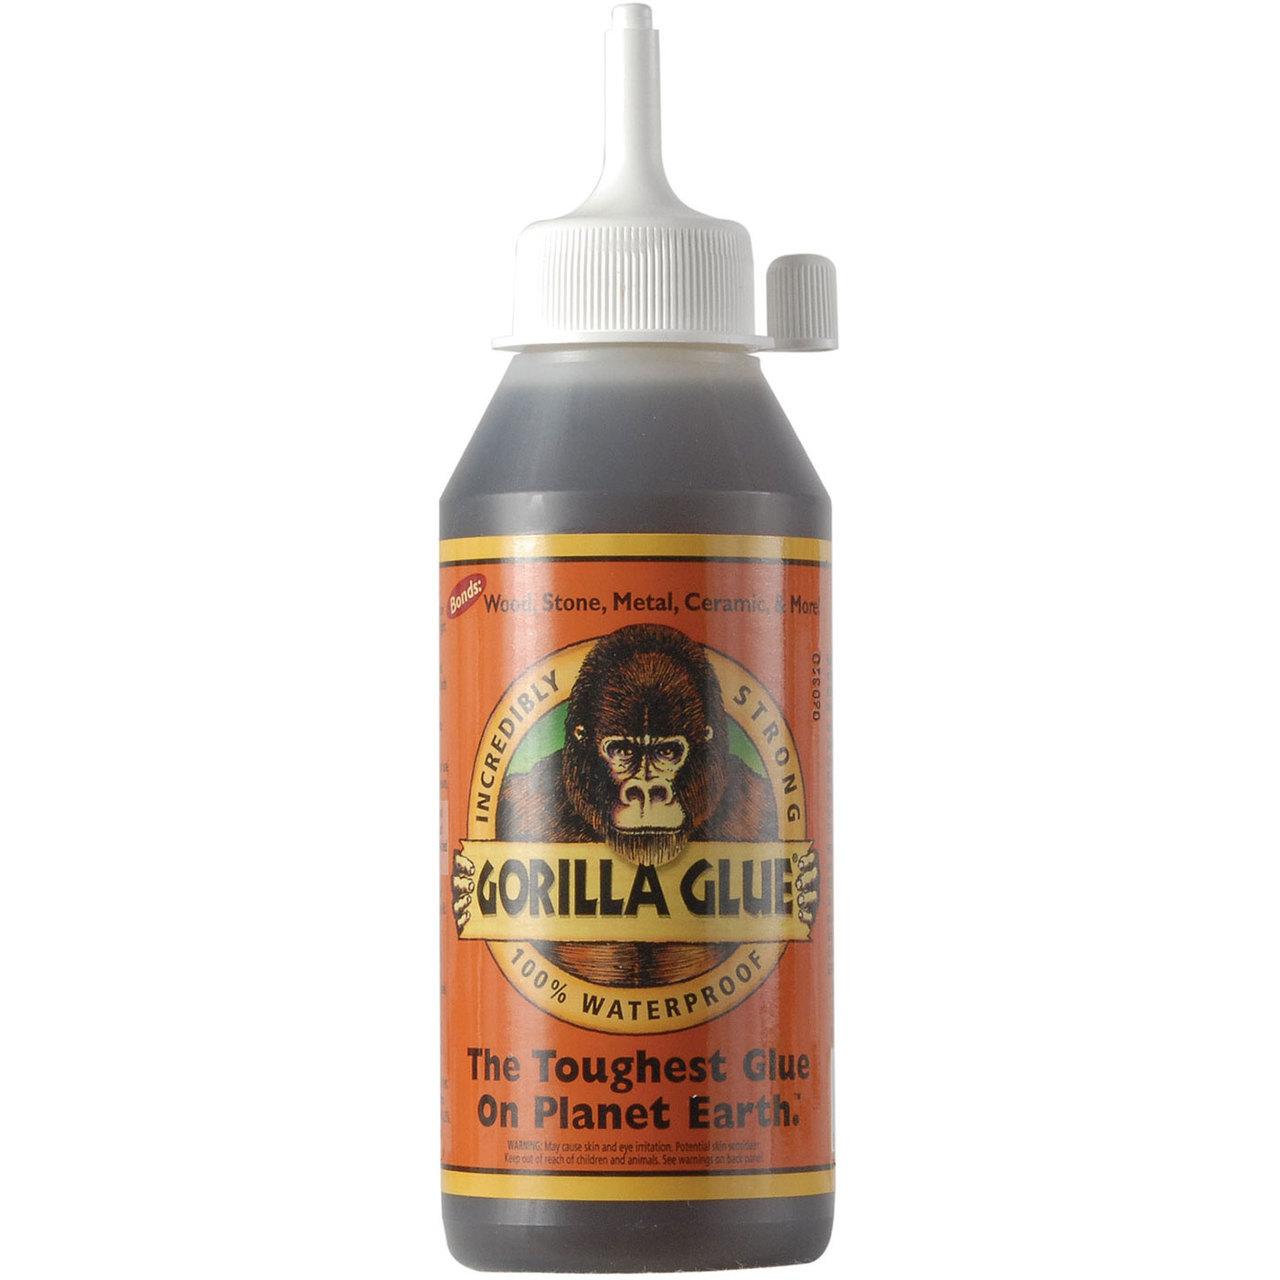 Gorilla glues and grab adhesives